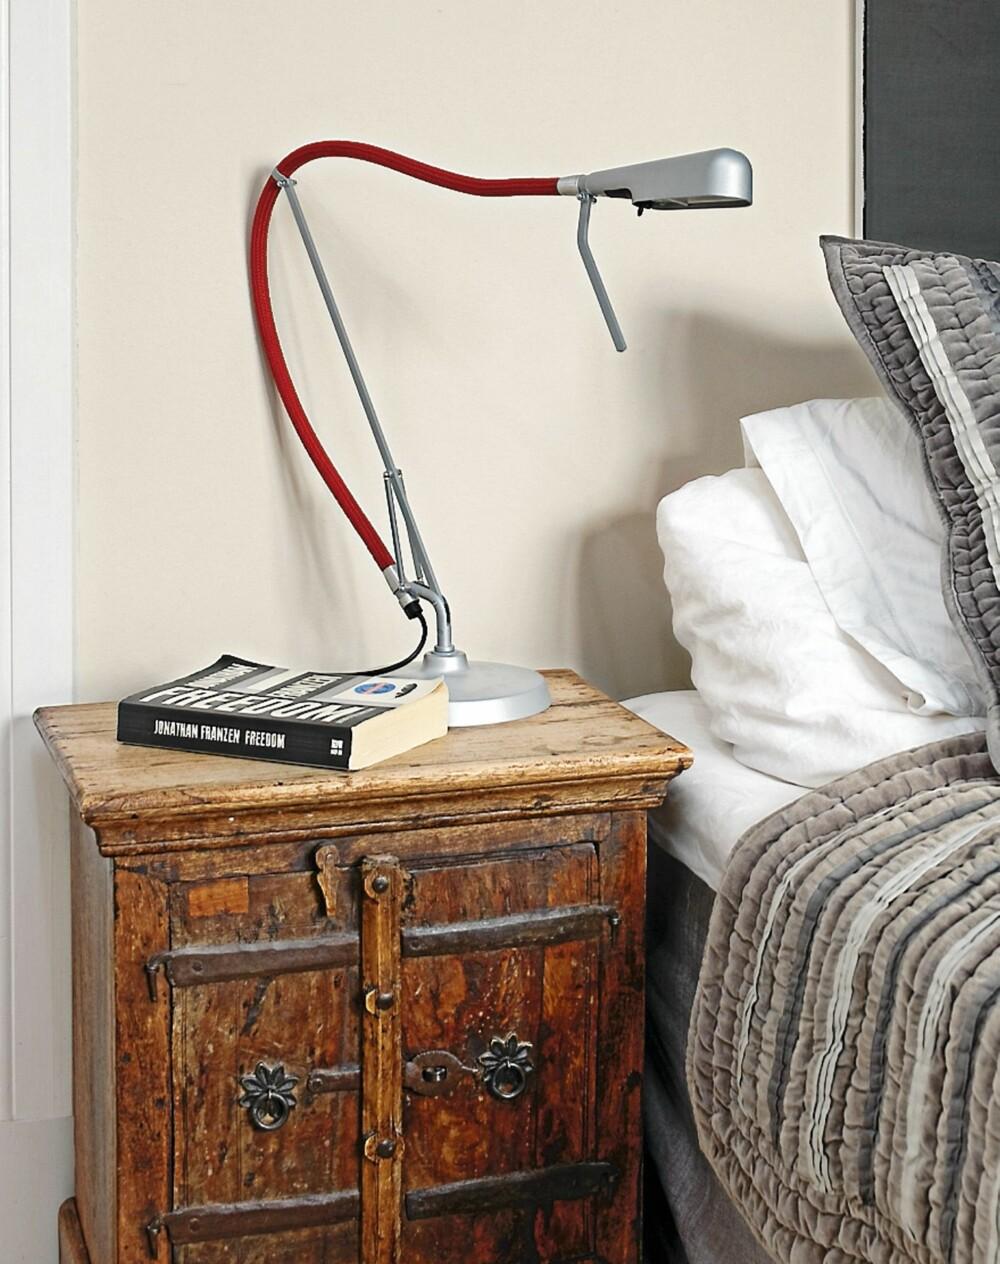 HISTORISK MØTE. Nattbordet er gammelt og kjøpt i utlandet for mange år siden. Lampen Arketto fra Luxo er en spennende kontrast. Bord med skap gir også mer plass til oppbevaring.